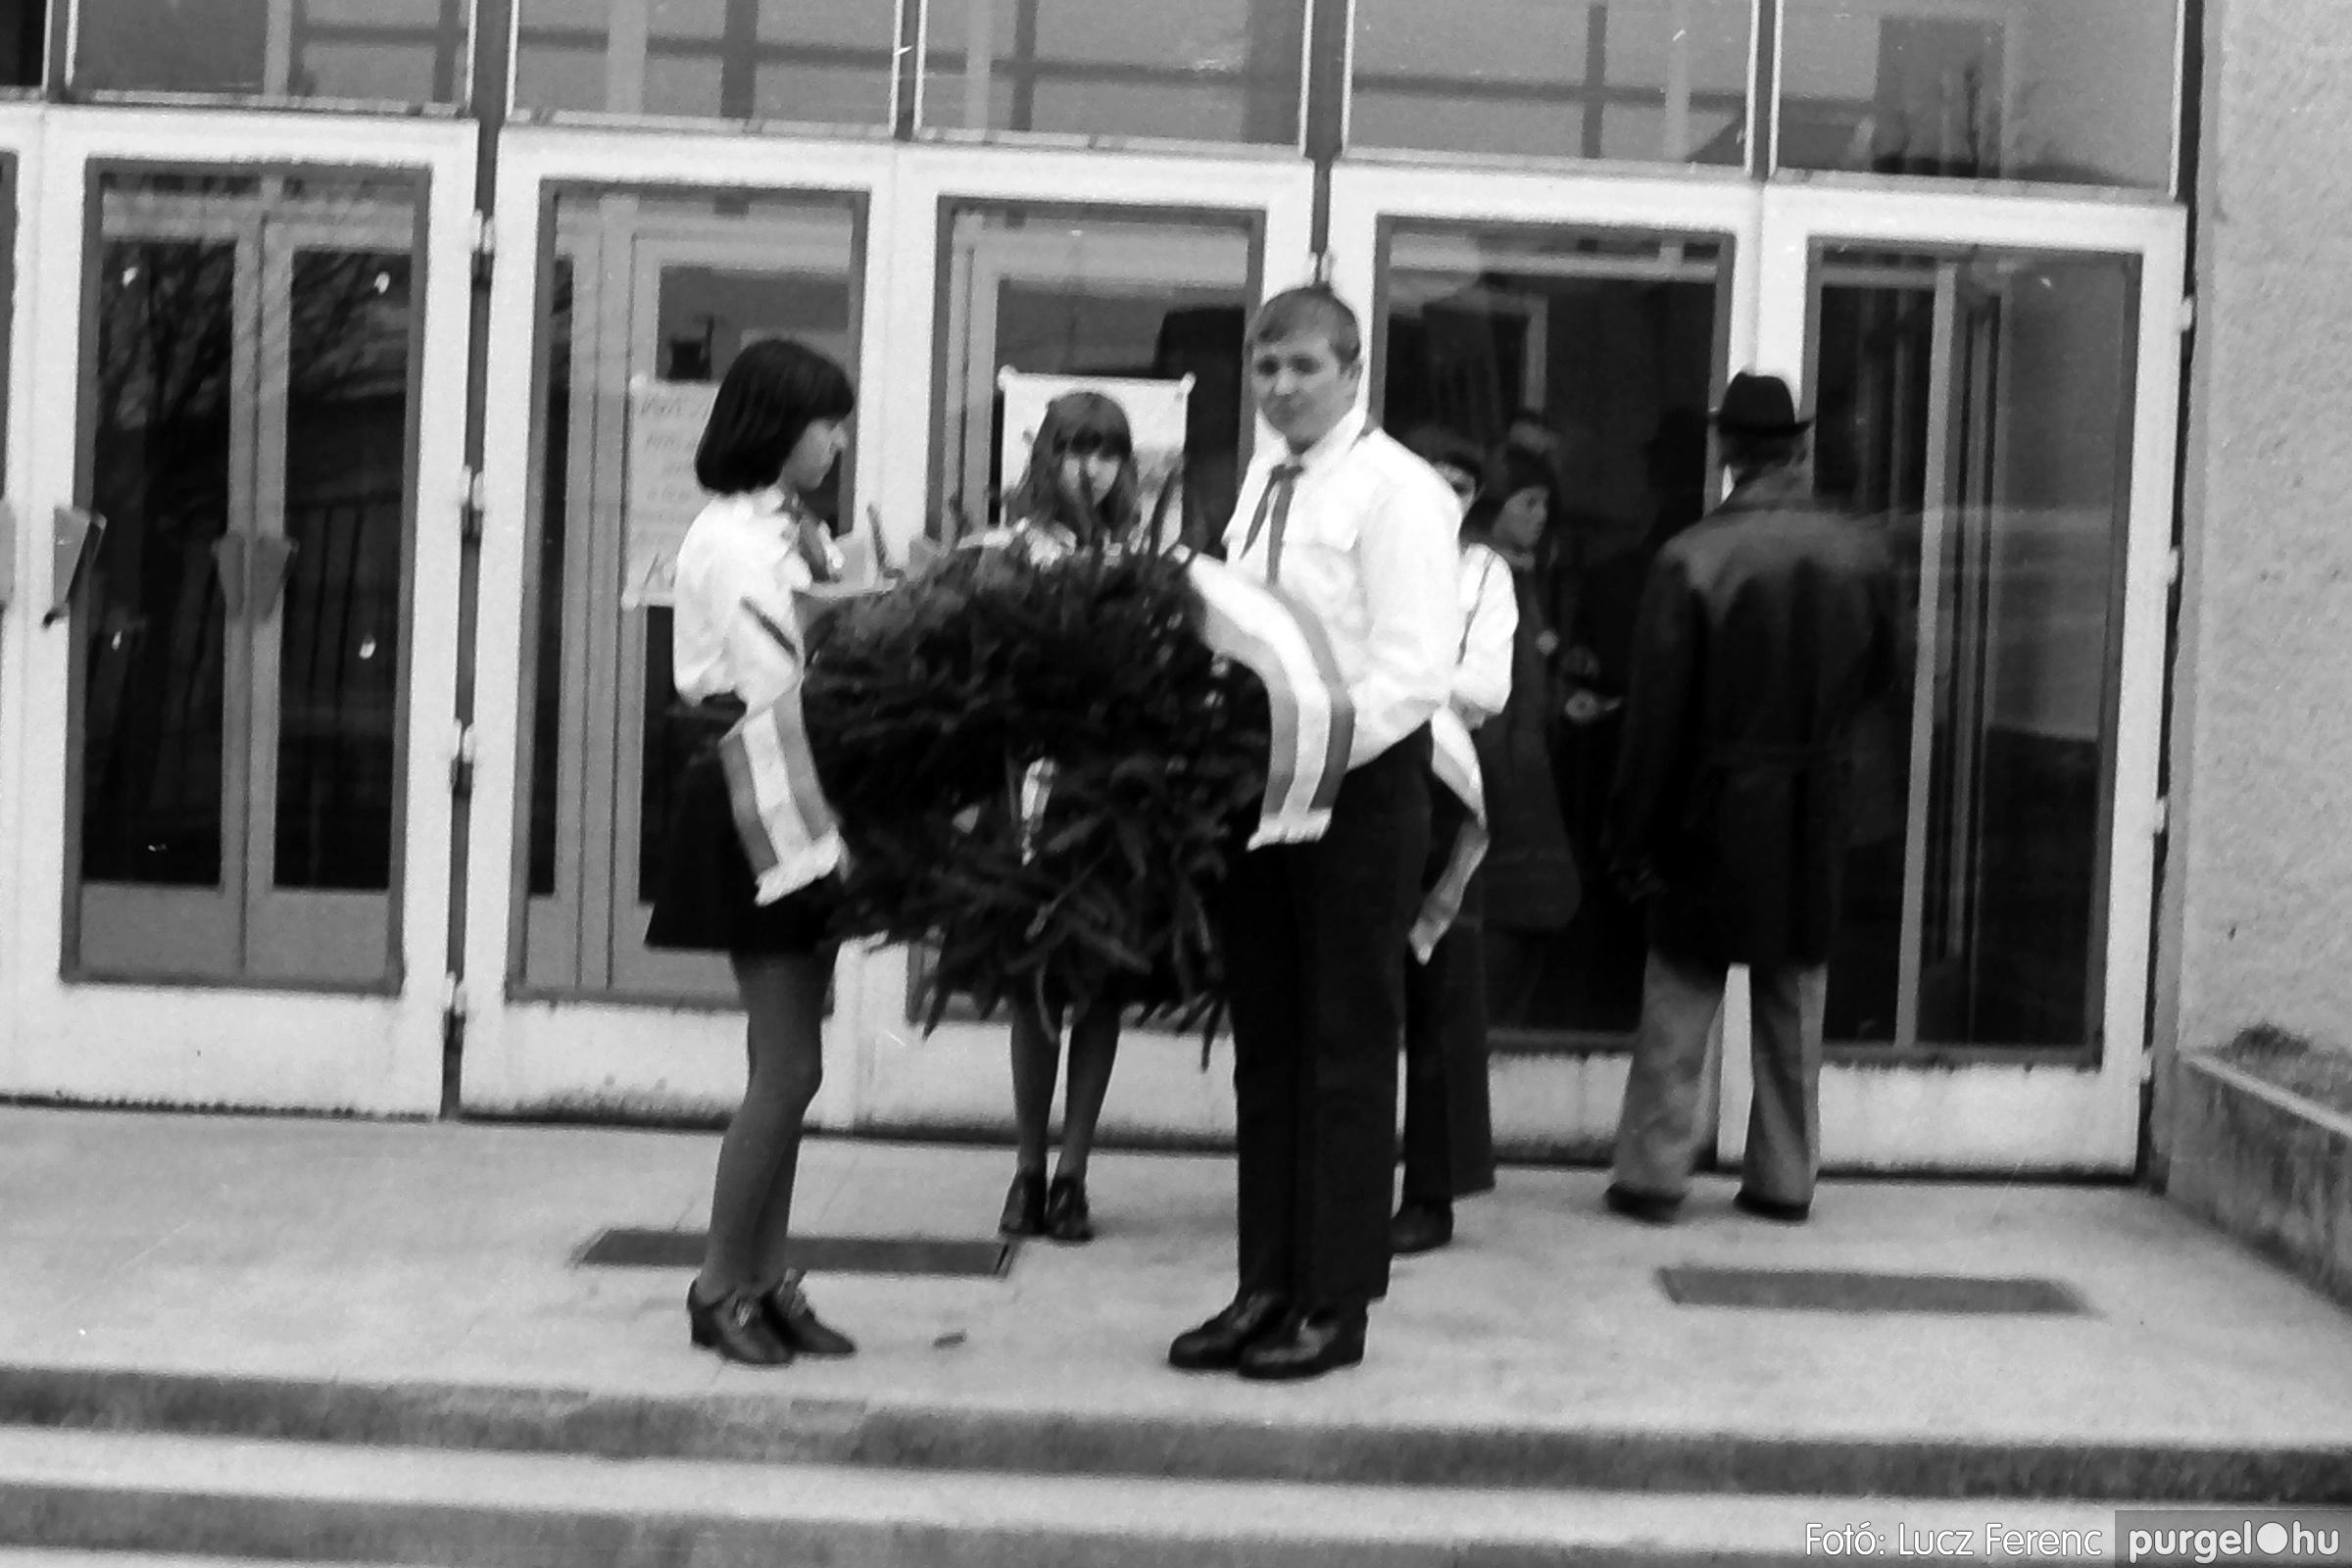 043. 1976. Emlékezés a szegvári direktóriumra 003. - Fotó: Lucz Ferenc - IMG00263q.jpg